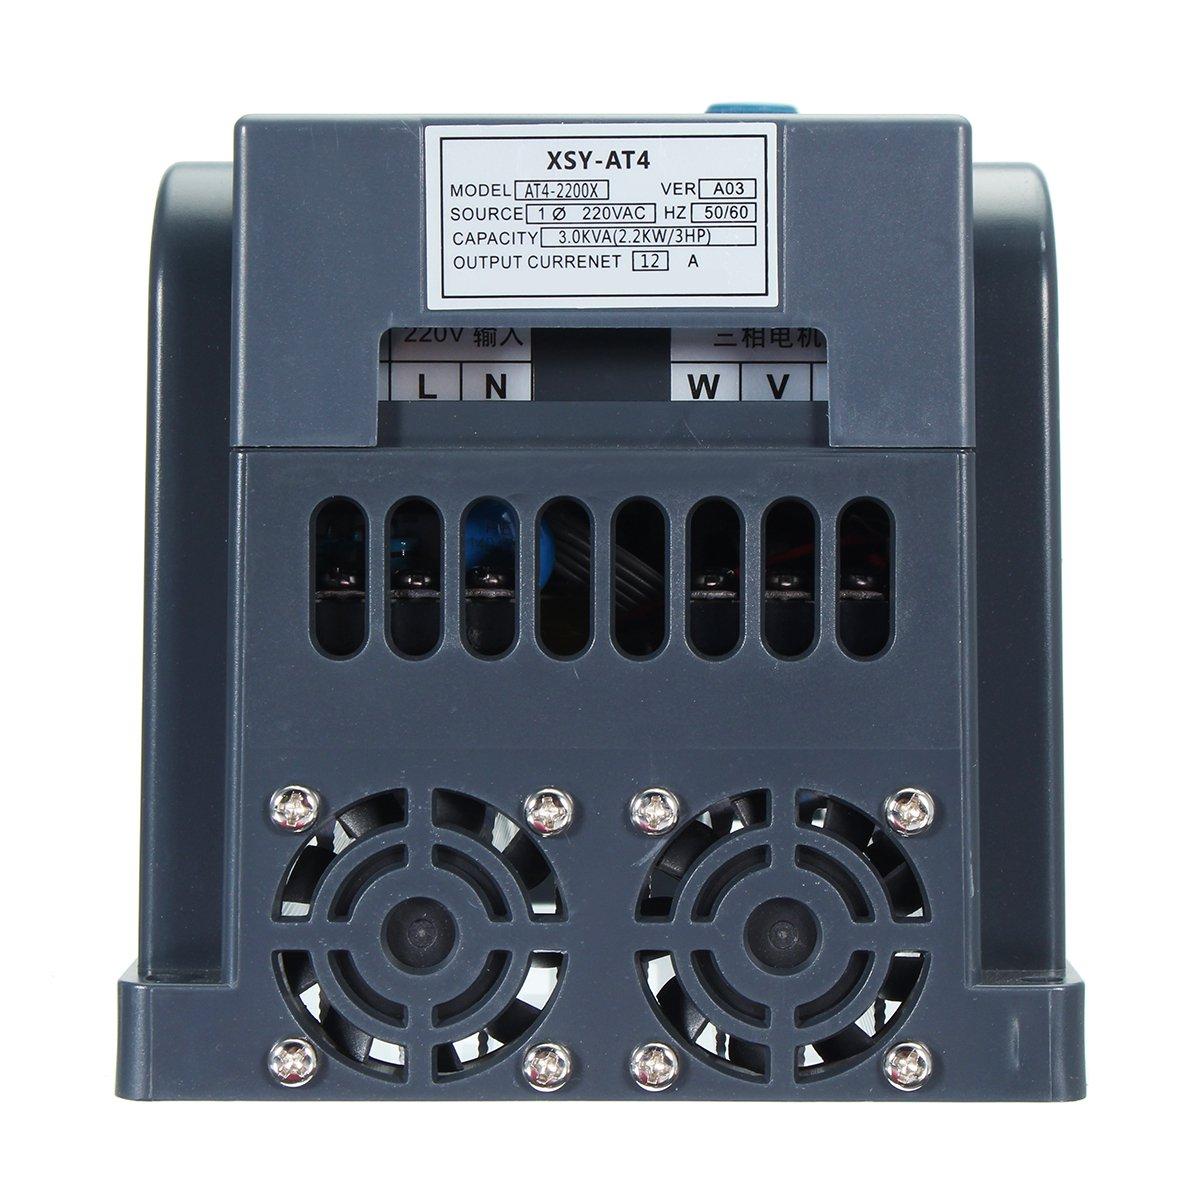 2.2KW 12A 220V 1PH В 3PH Вне 380V Преобразователь частоты Преобразователь Инвертор V / F Векторное управление - фото 2.2KW Frequency Converter